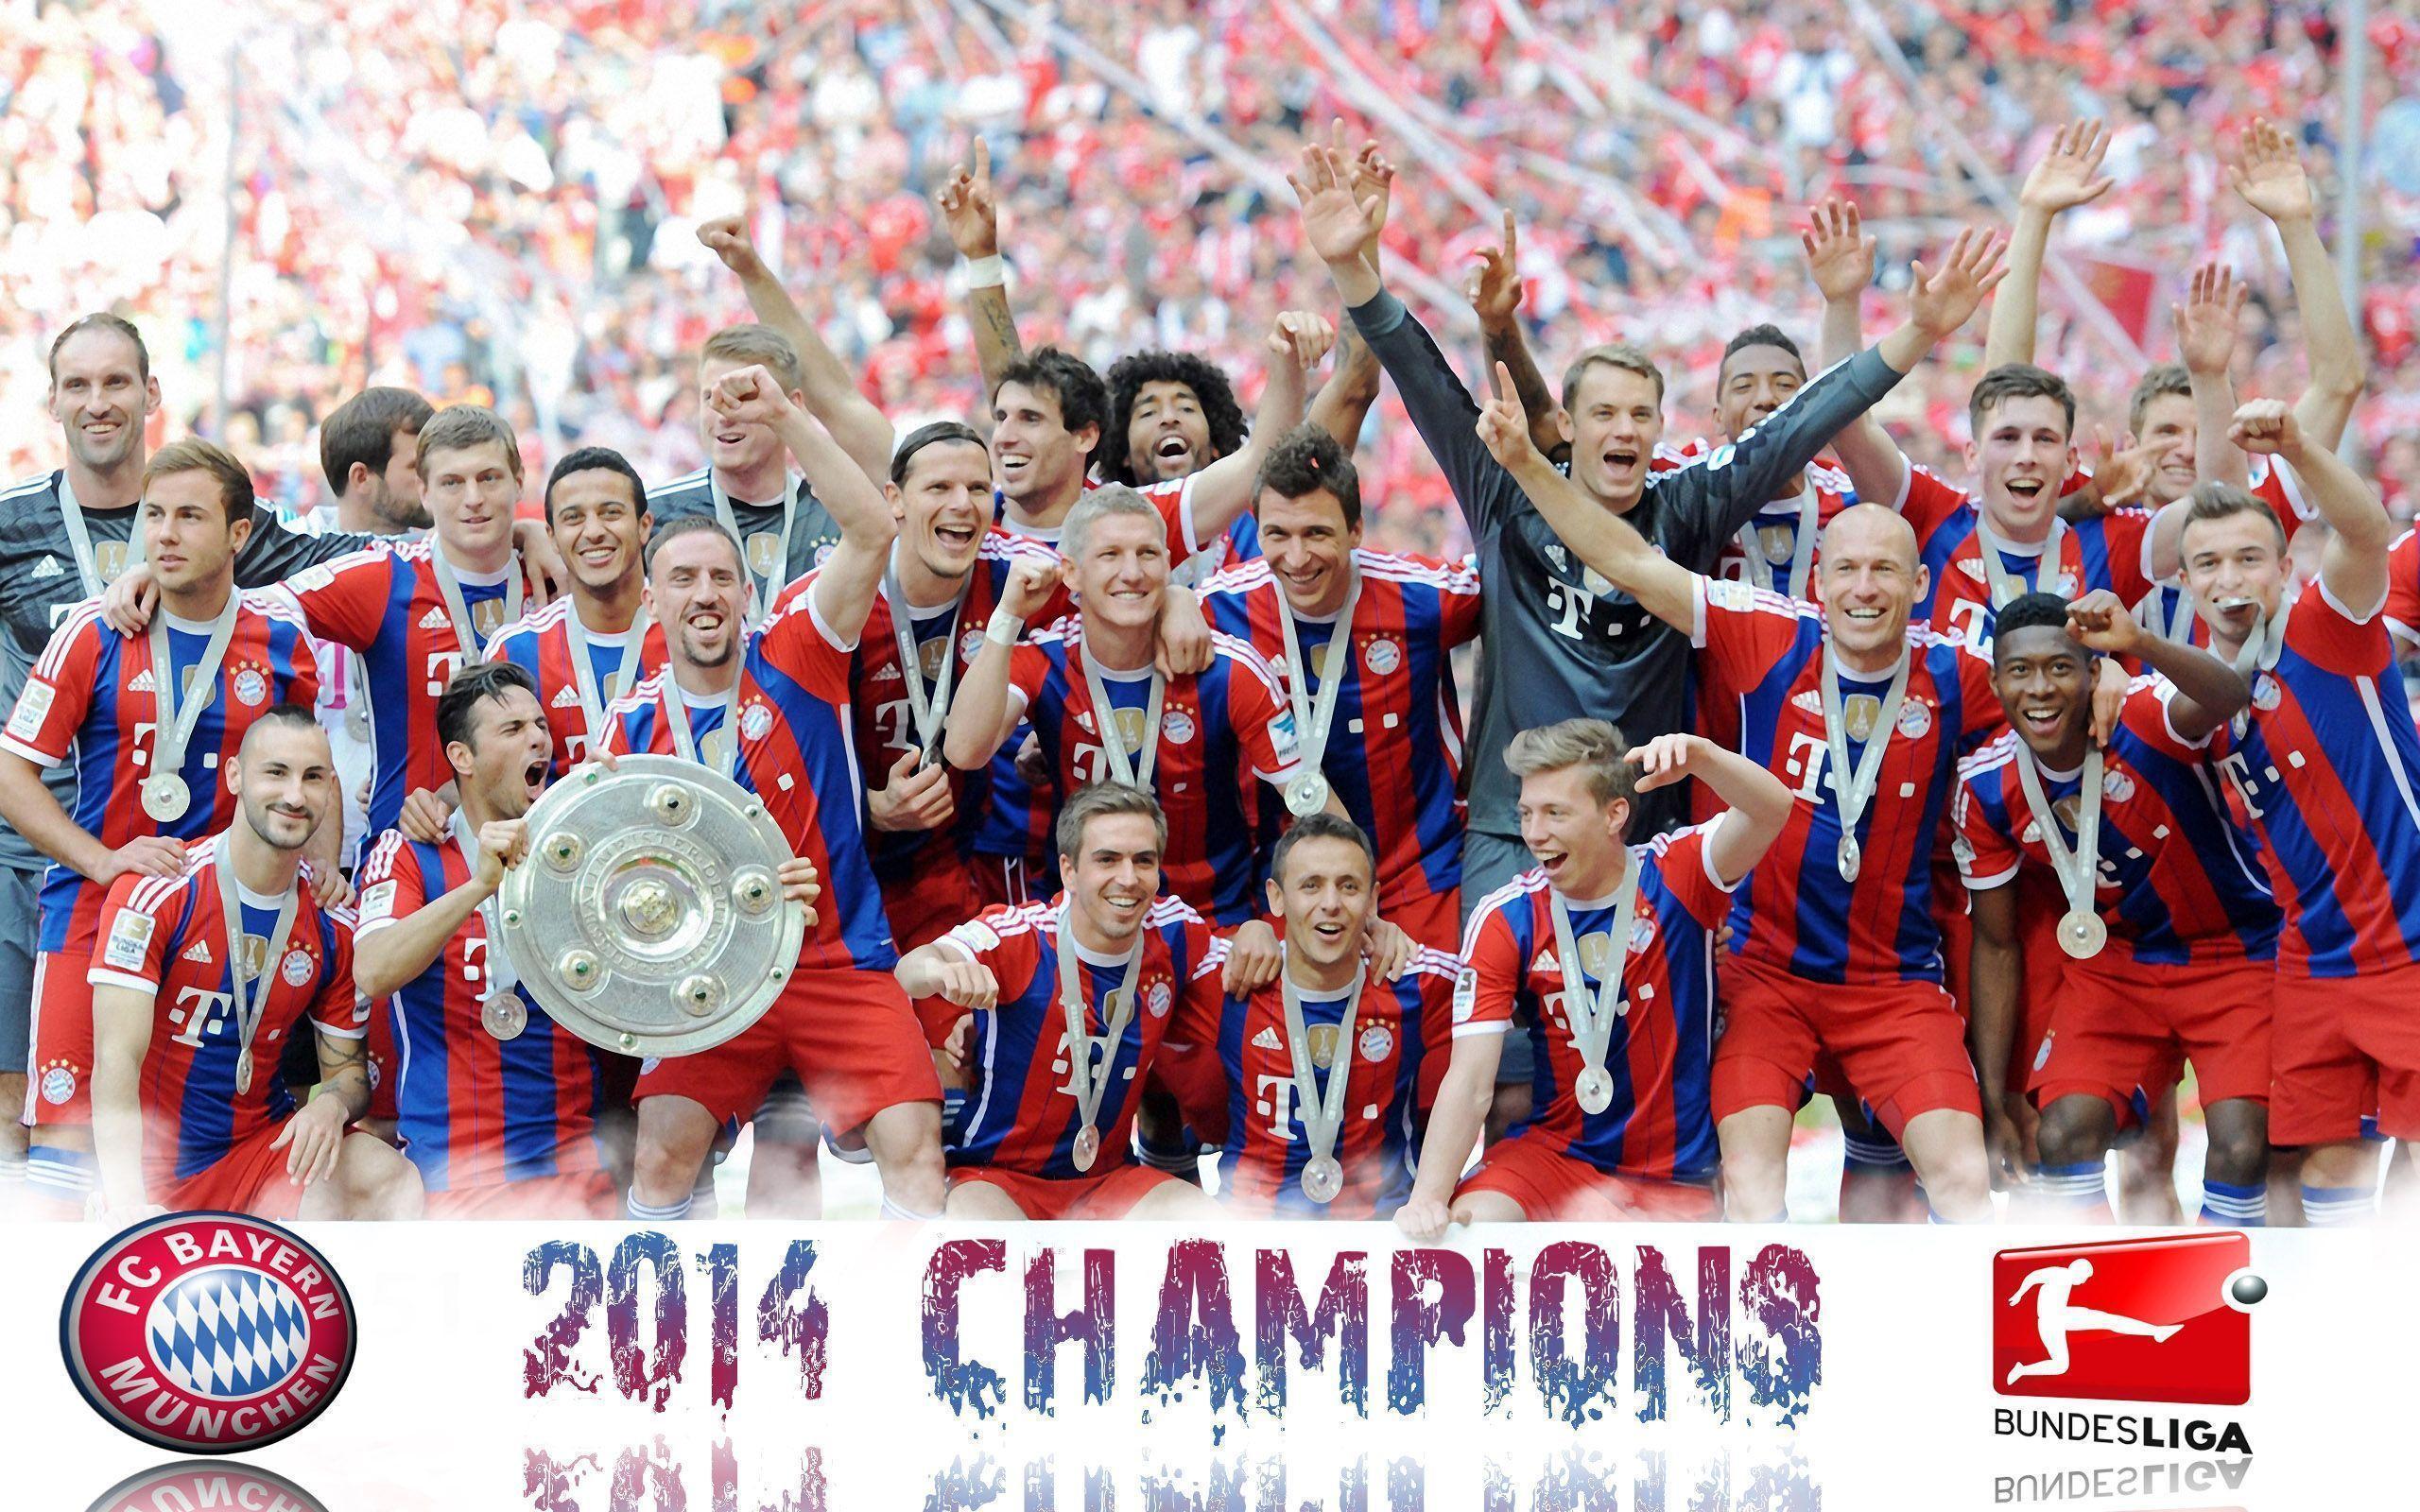 2014 Bayern Munchen Desktop Background 2727 Football Wallpapers ...